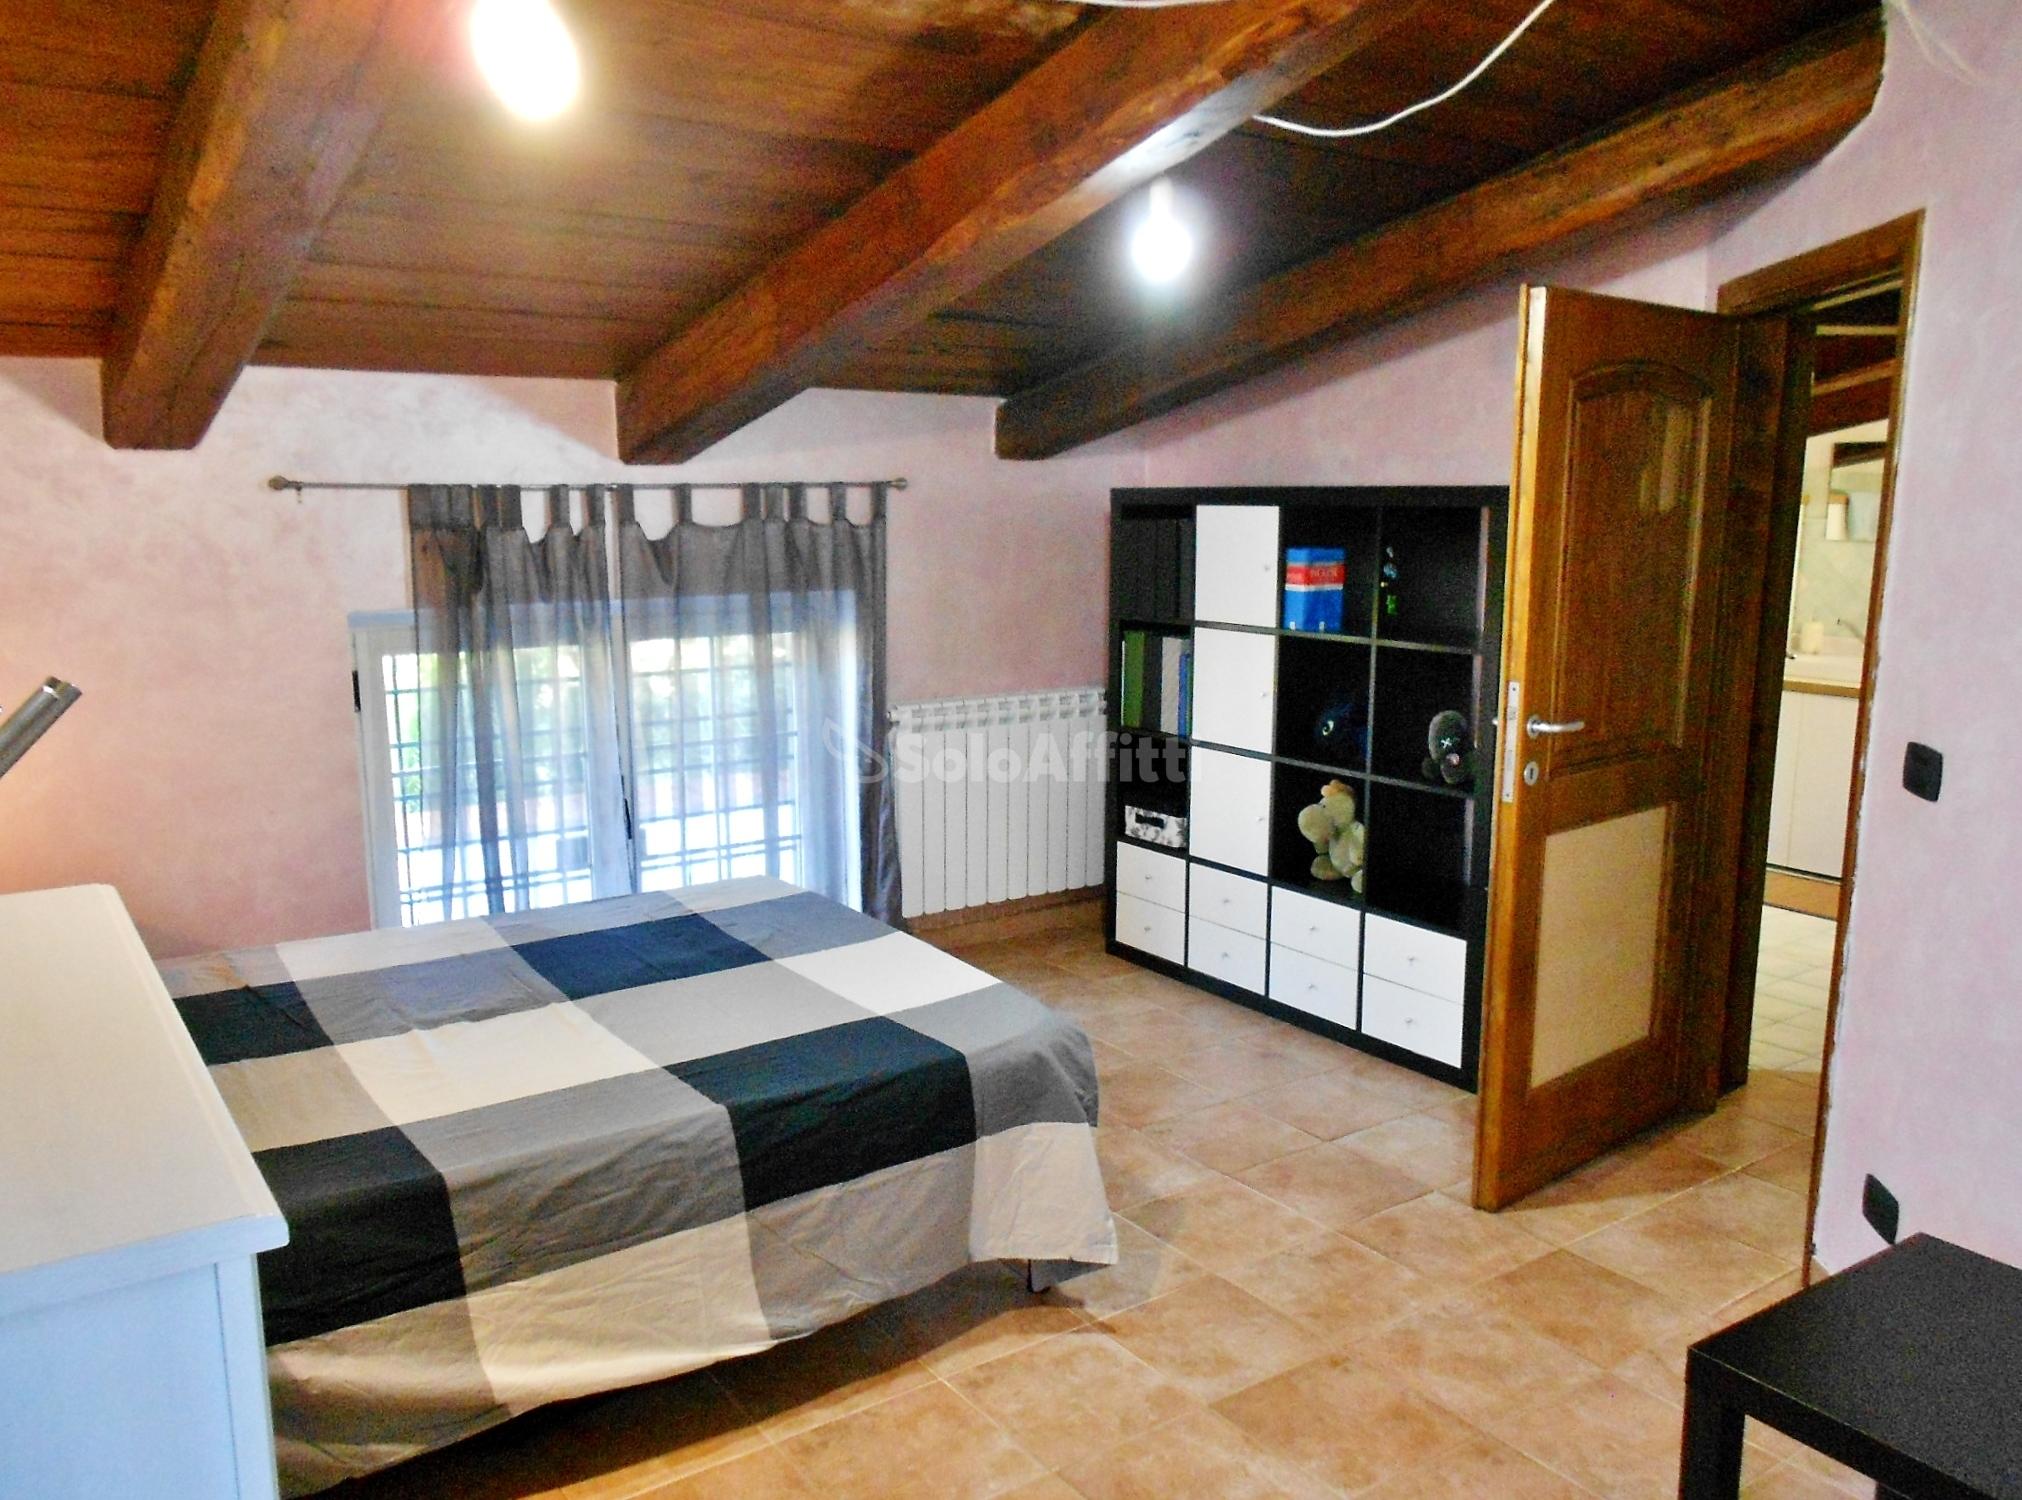 Fiumicino, Isola Sacra - stanza in villa